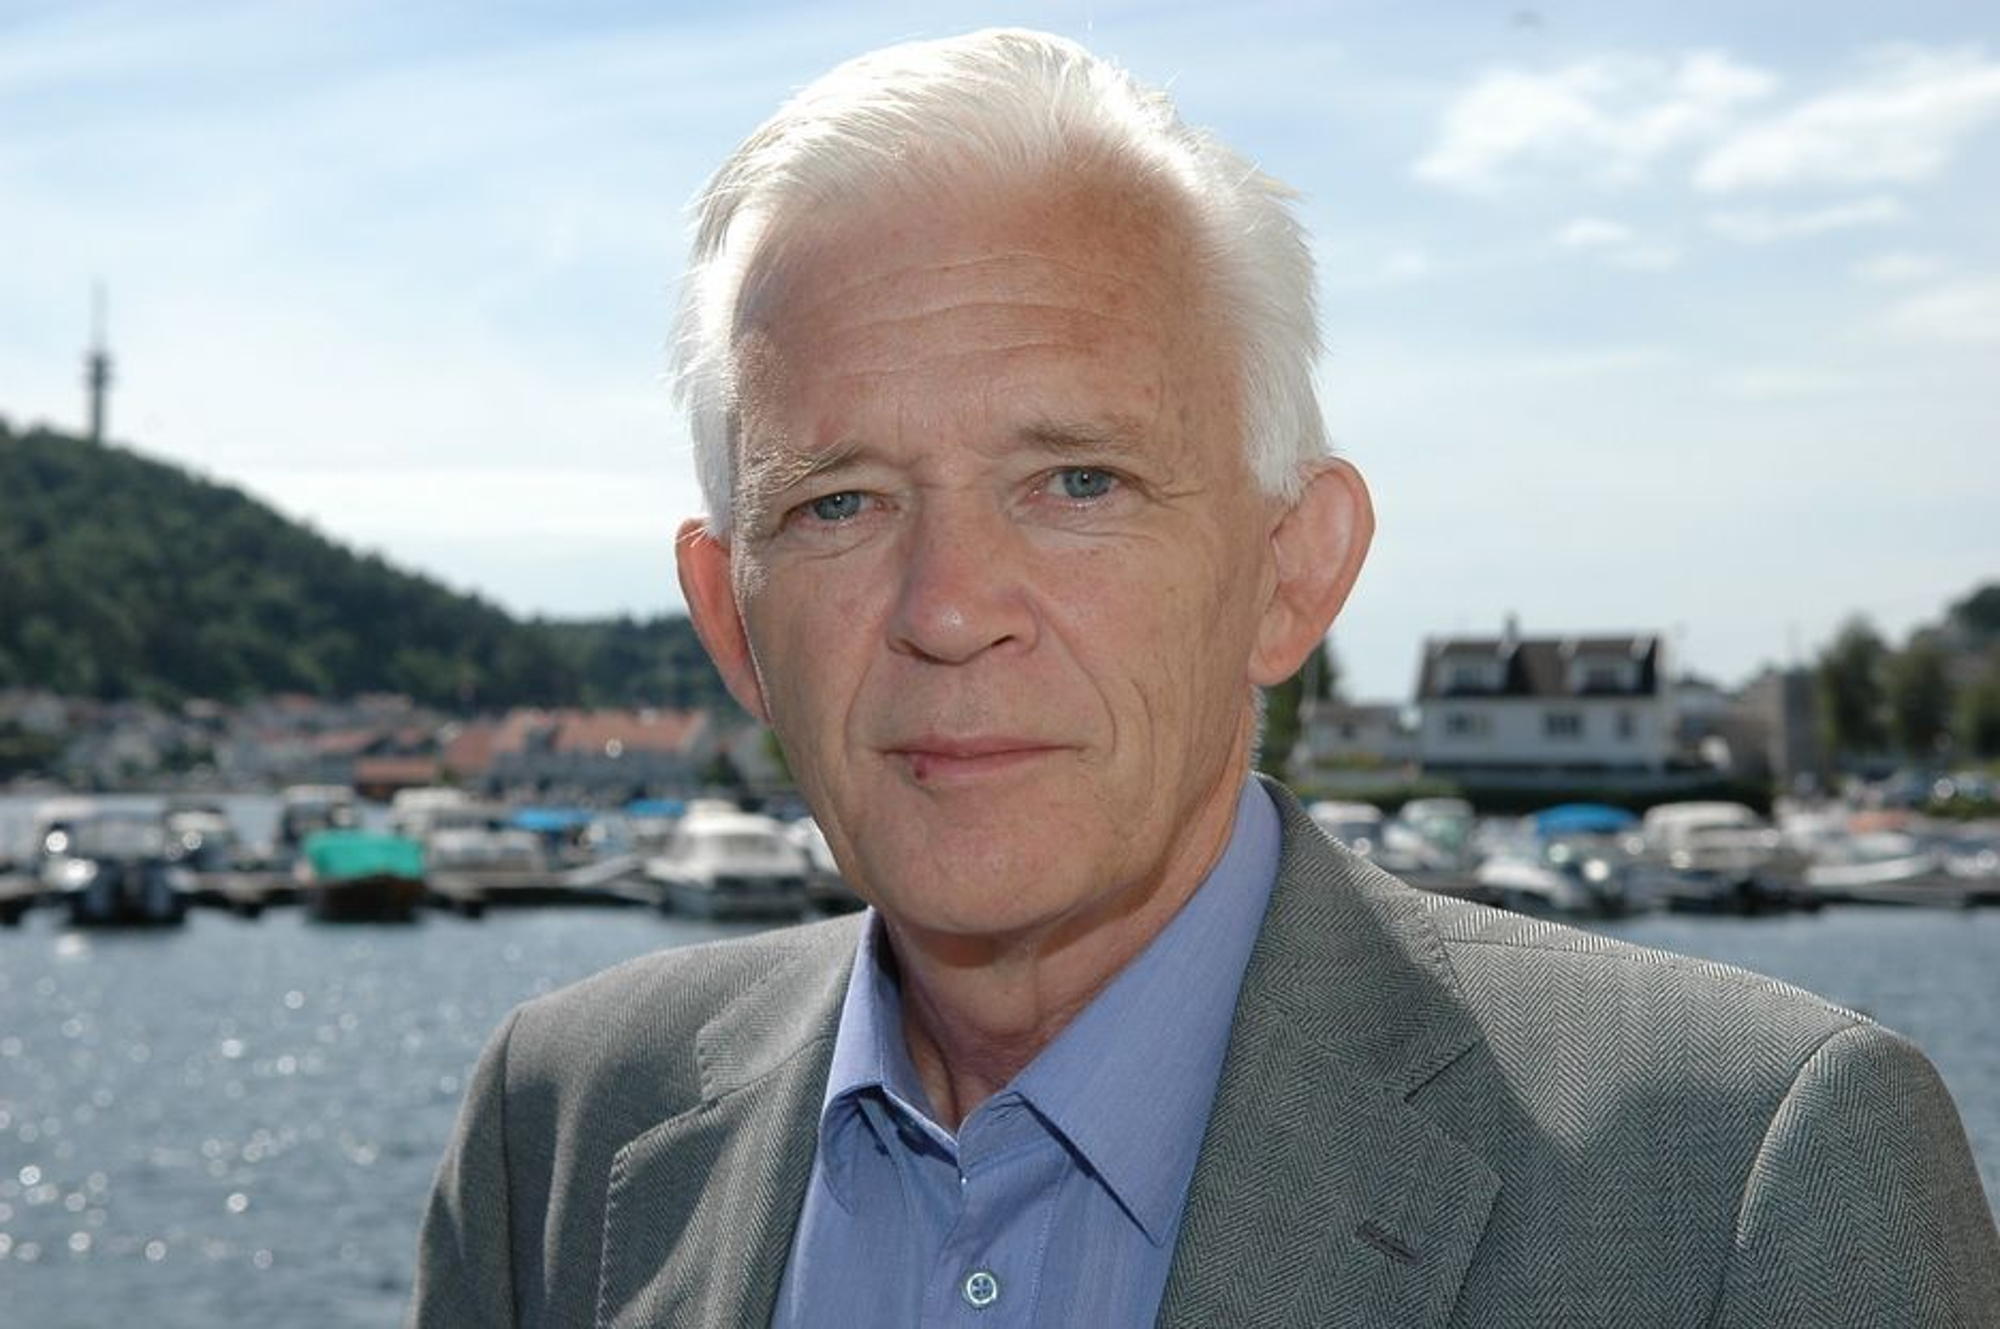 MÅ TENKE NYTT: - Oljeselskapene er altfor rigide. Viljen til å tenke nytt er for lav, sier Arne Smedal.